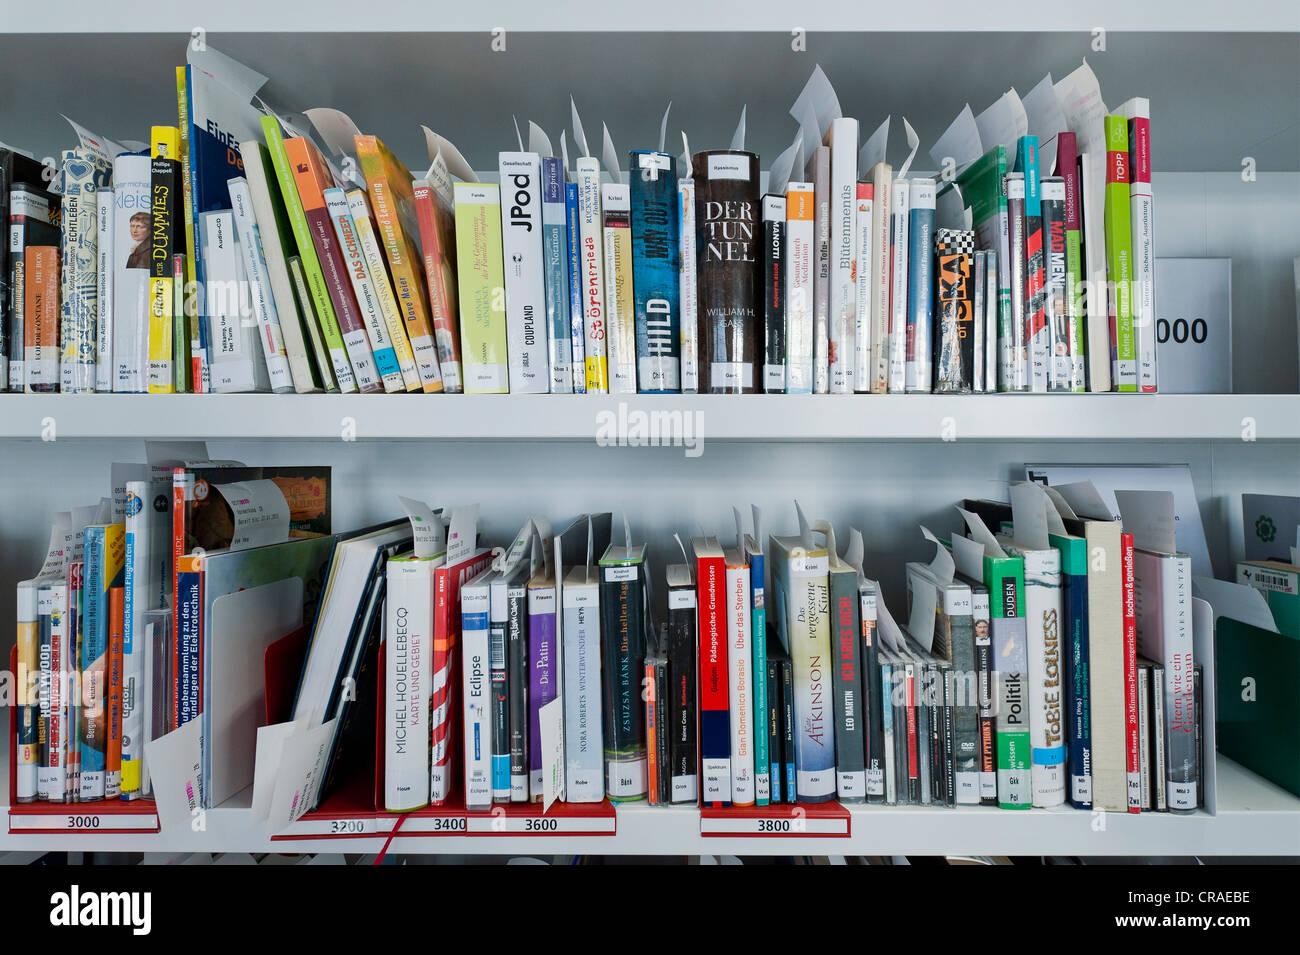 Books, book shelves, New Stuttgart City Library, Stuttgart, Baden-Wuerttemberg, Germany, Europe, PublicGround - Stock Image